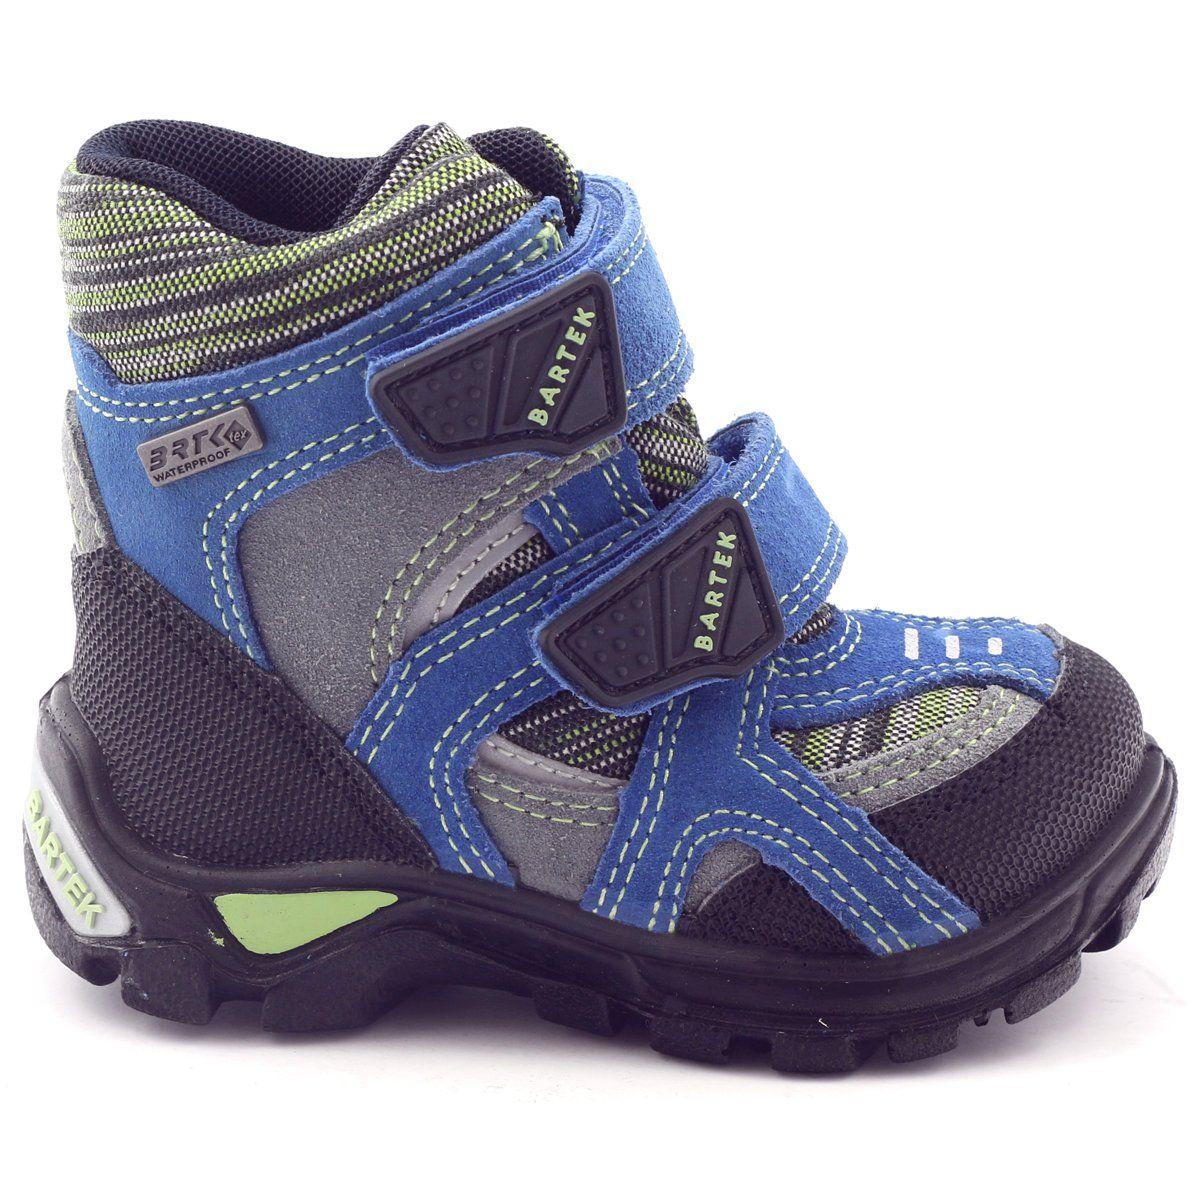 Kozaczki Dla Dzieci Bartek Zielone Niebieskie Czarne Trzewiki Z Membrana Bartek 91929 Szare Boots Childrens Boots Kid Shoes